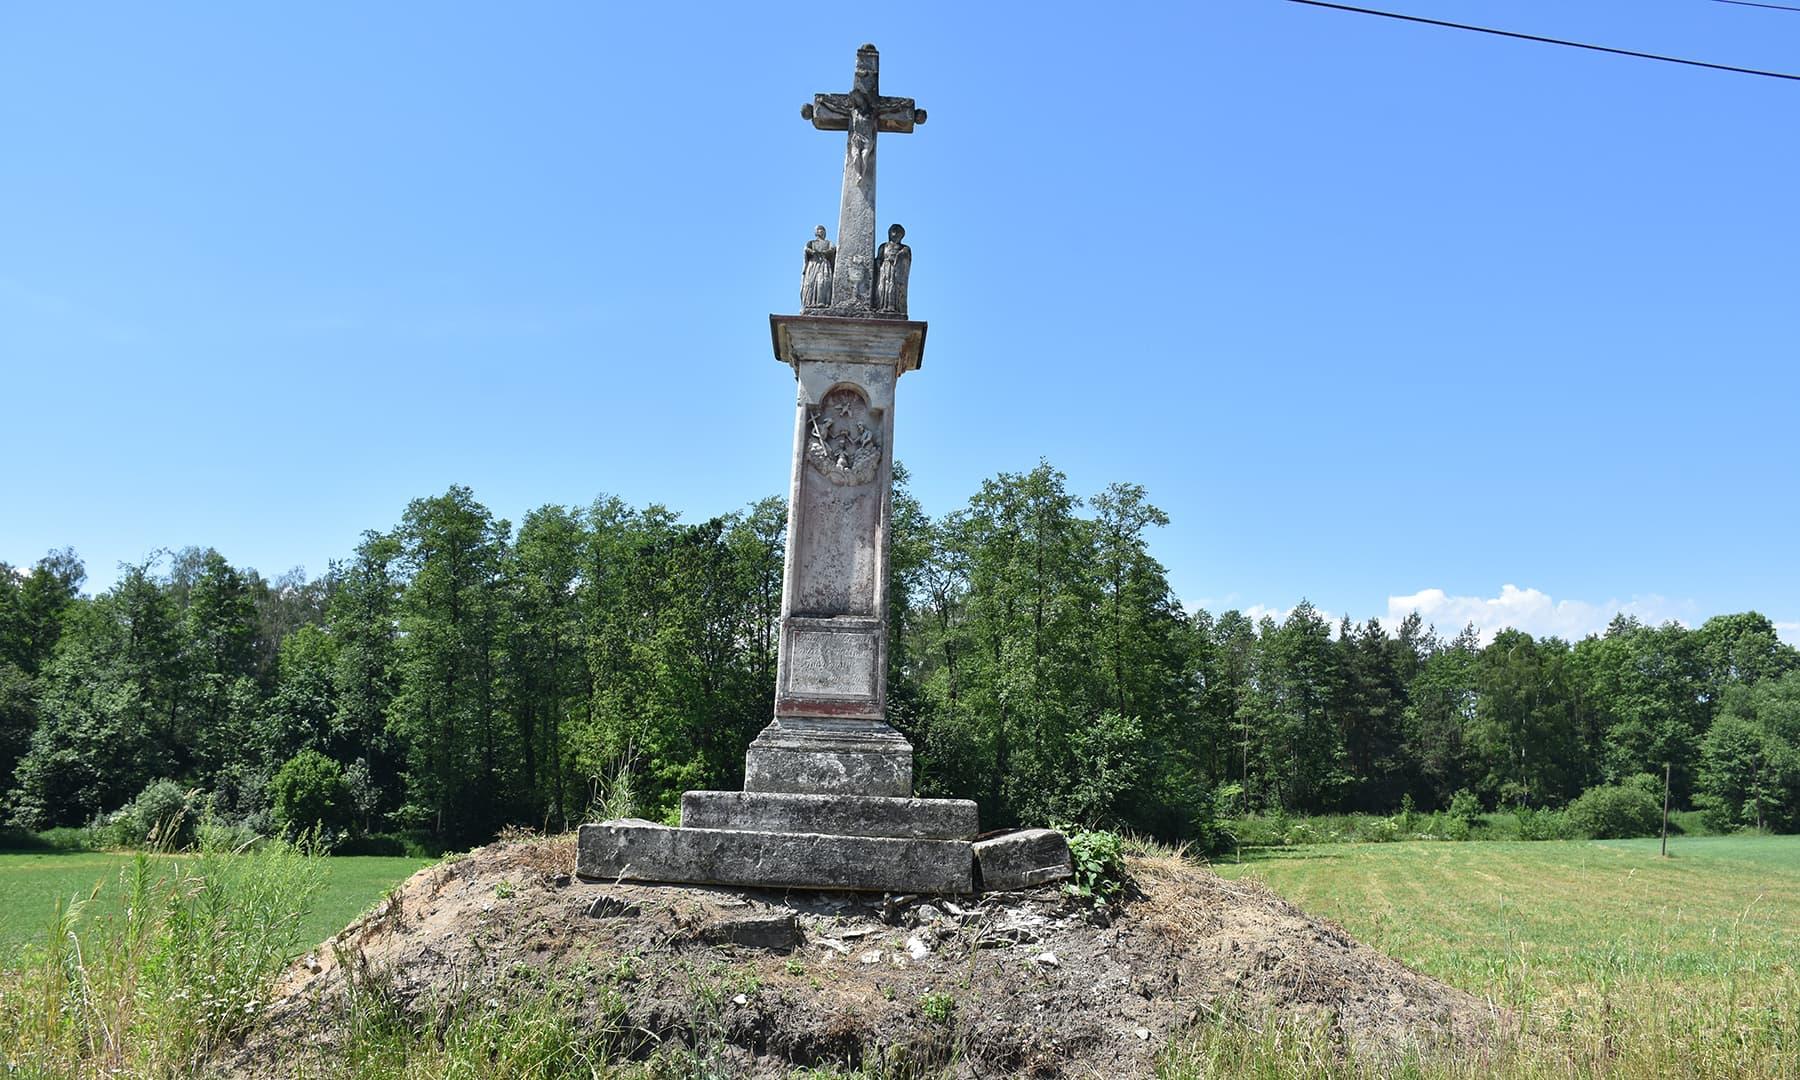 راستے پر ایستادہ مذہبی علامت صلیب